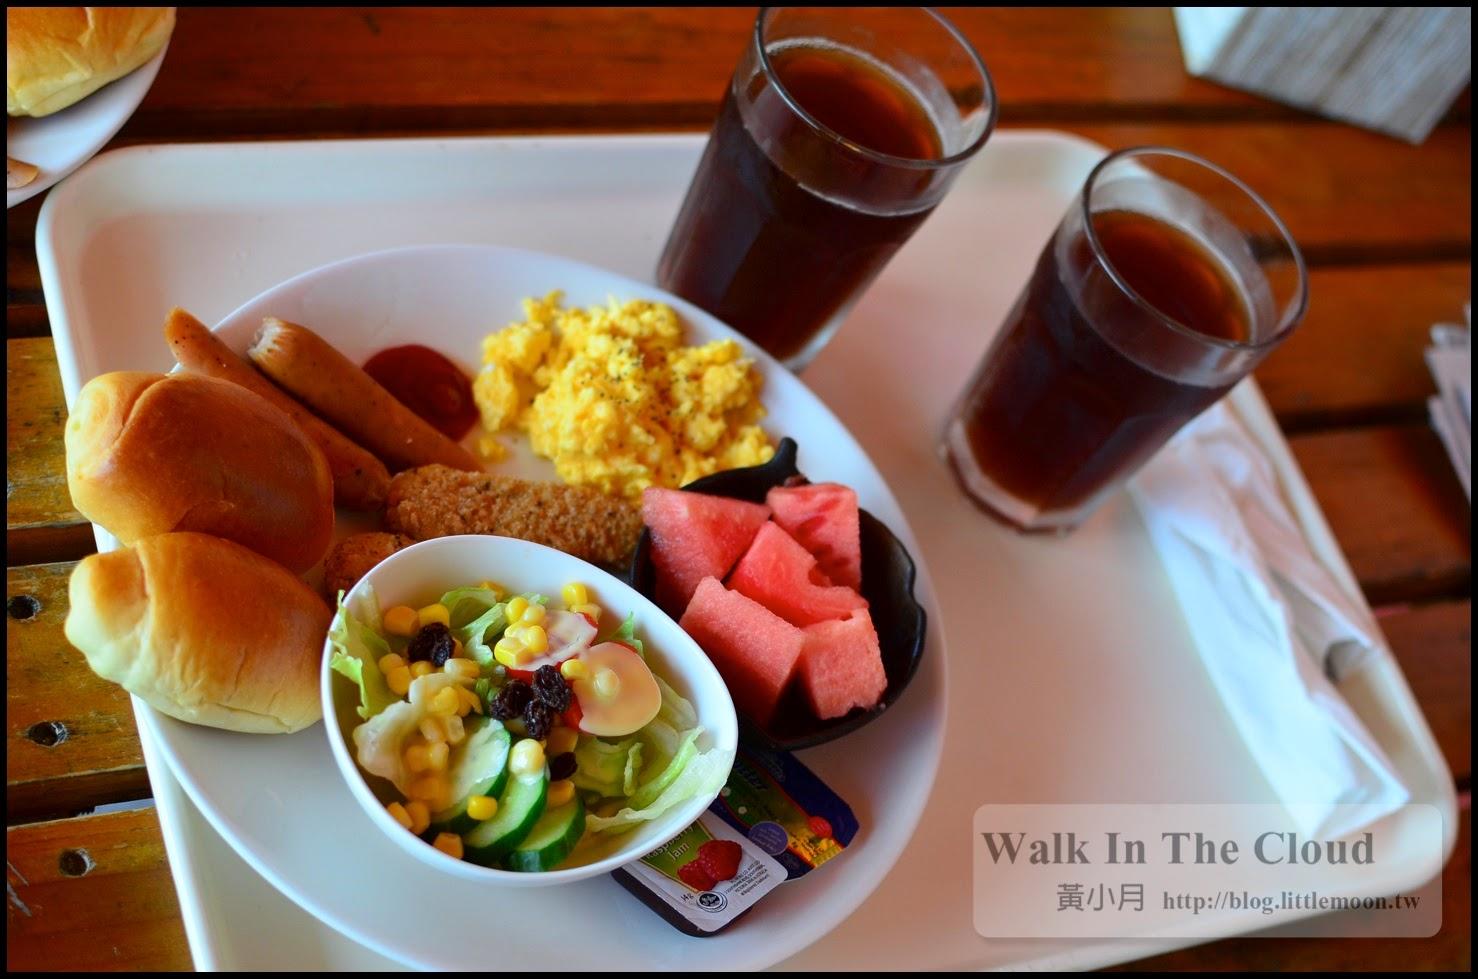 第二天豐富的早餐(一人份)